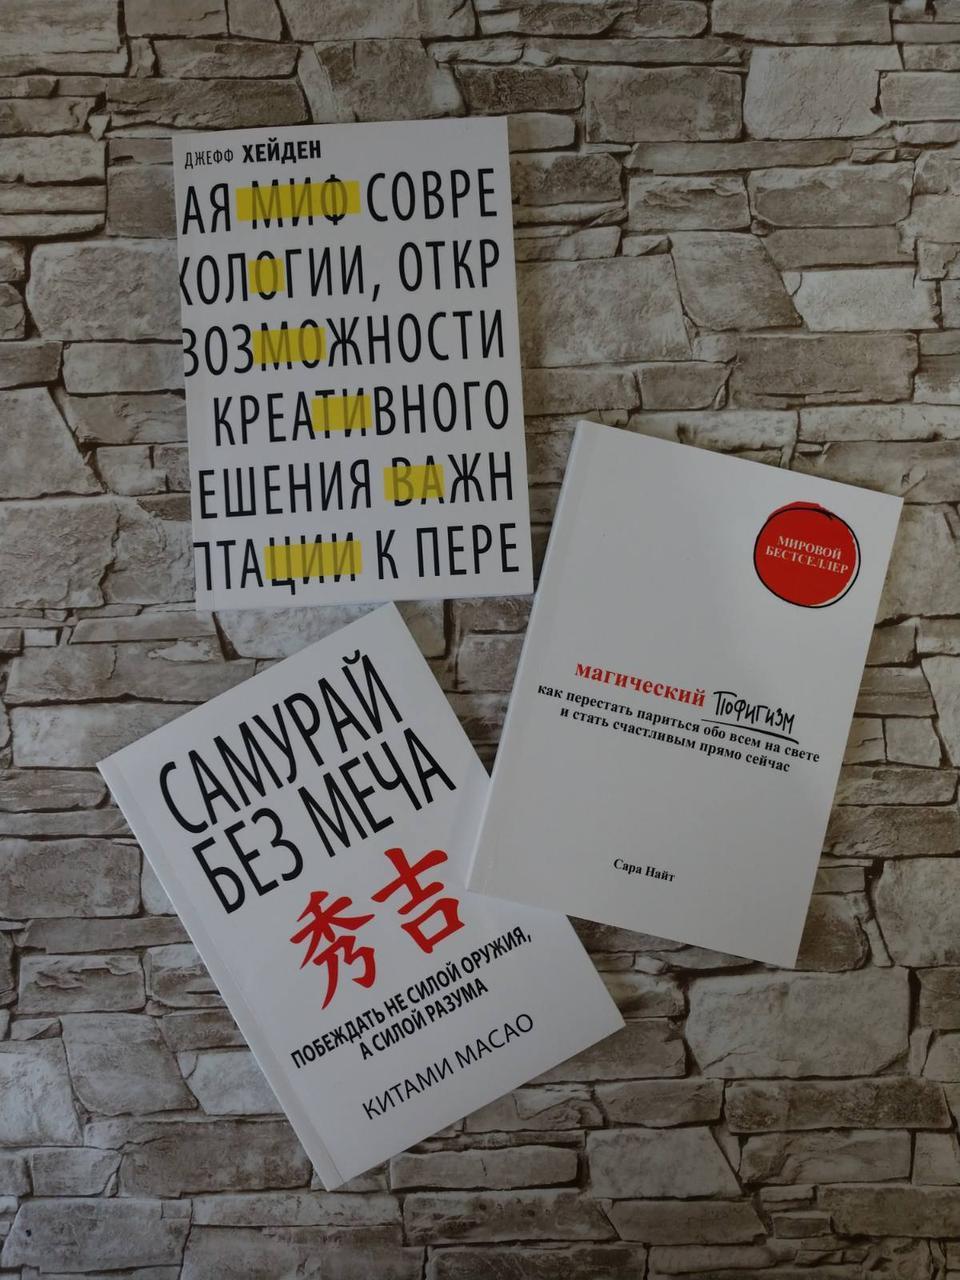 """Набір книг """"Міф про мотивації"""" Дж. Хейден, """"Магічний пофігізм"""" С. Найт, """"Самурай без меча"""" К. Масао"""